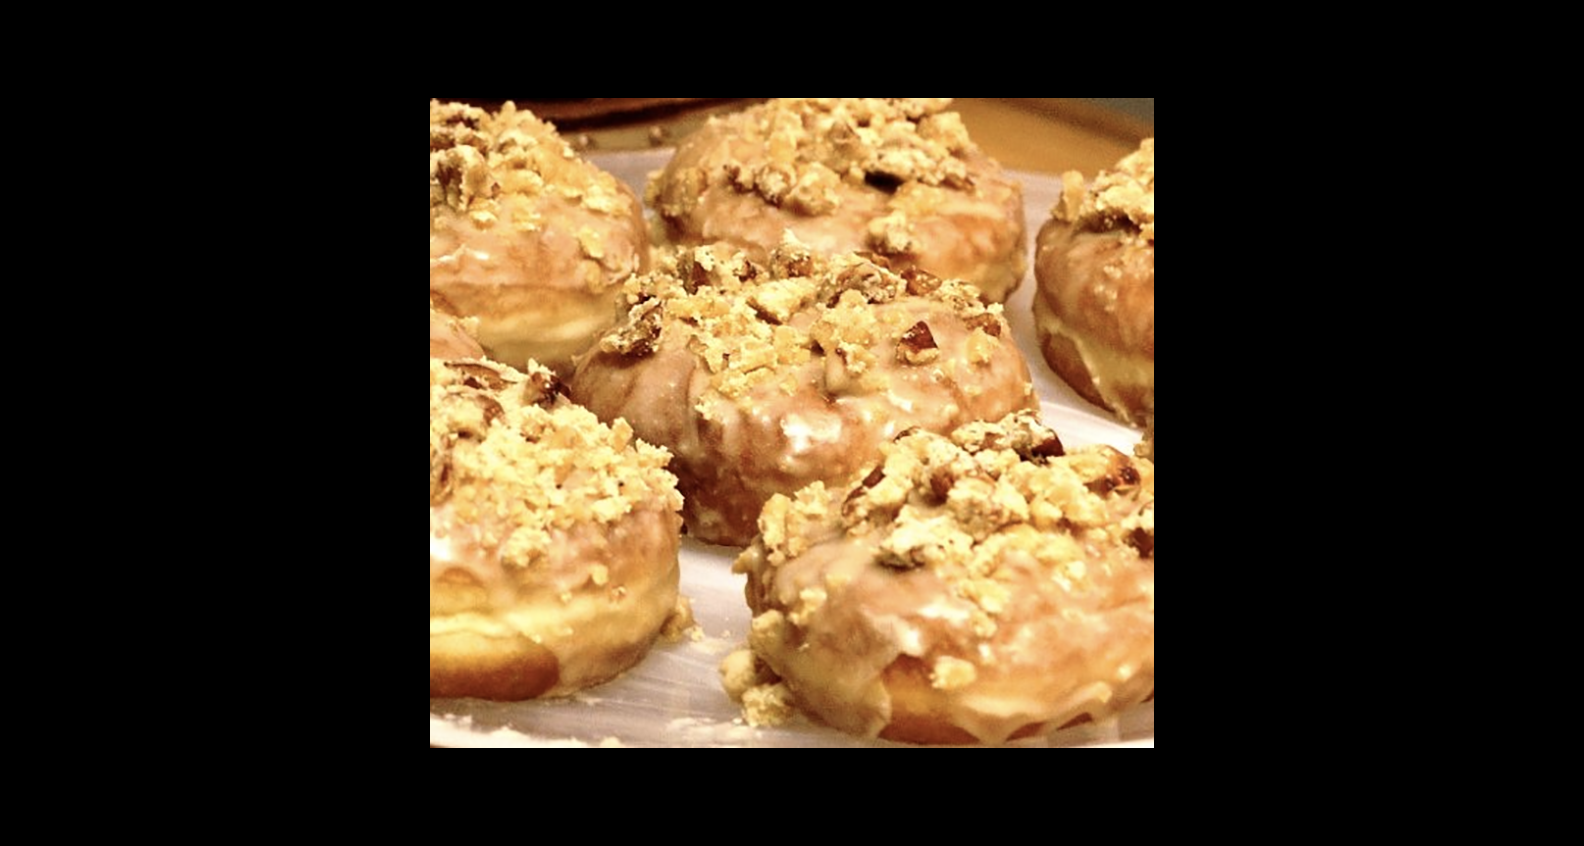 The Charleston doughnut